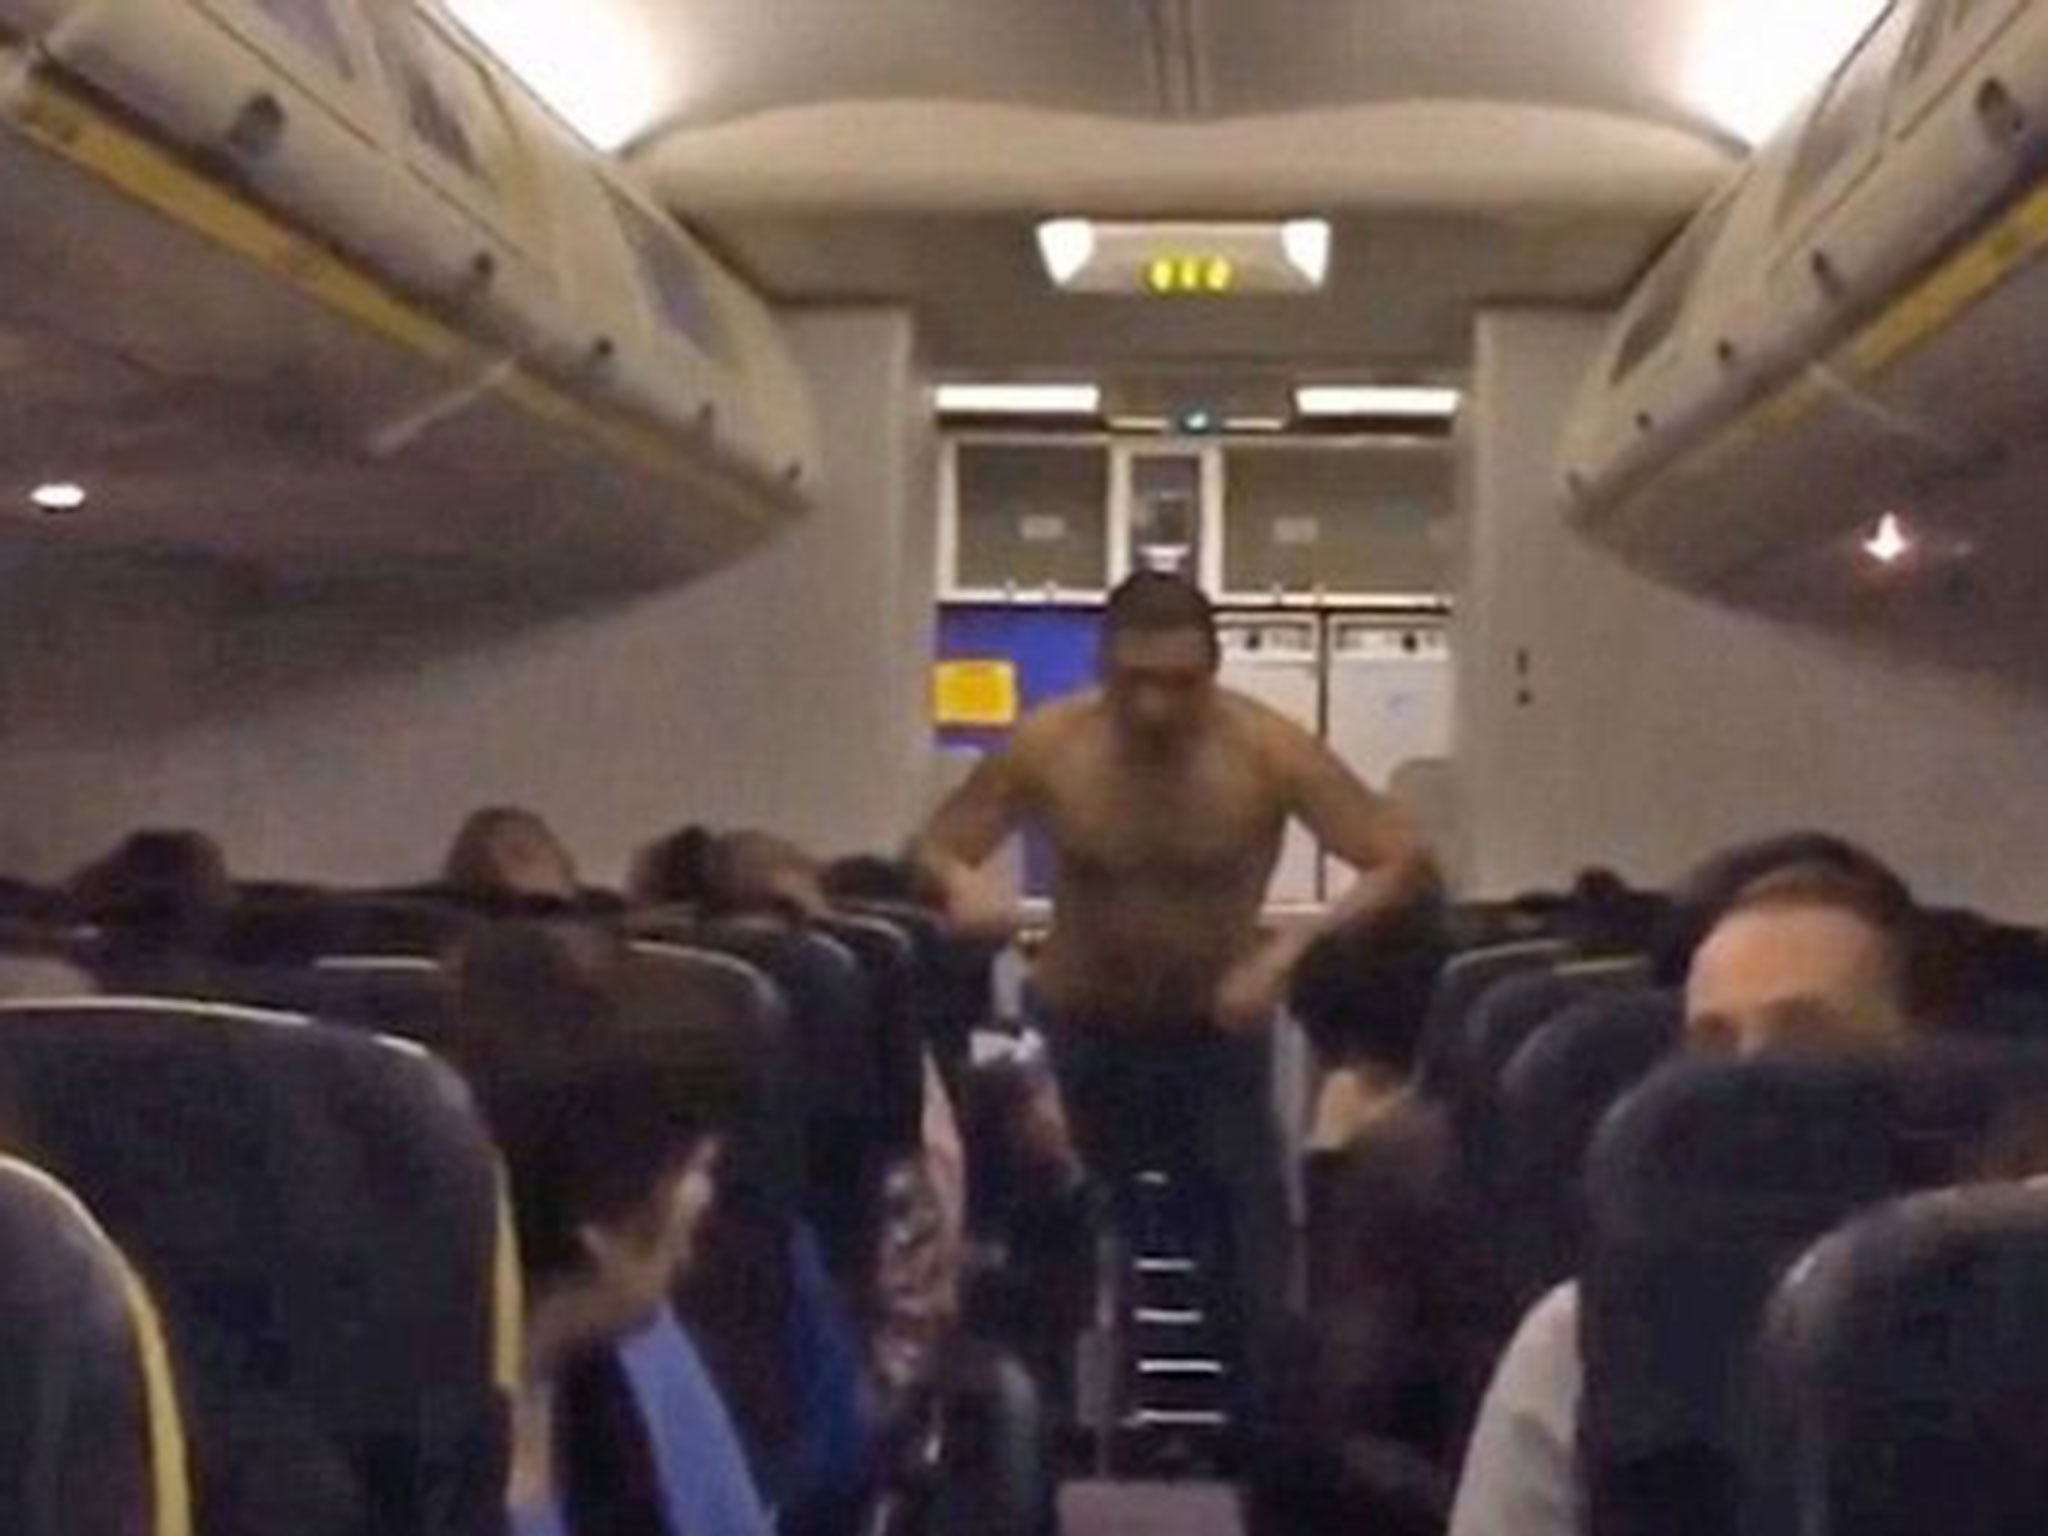 Vụ tai nạn hy hữu hành khách làm loạn chuyến bay đã buộc máy bay Sun Express phải chuyển hướng và hạ cánh khẩn cấp